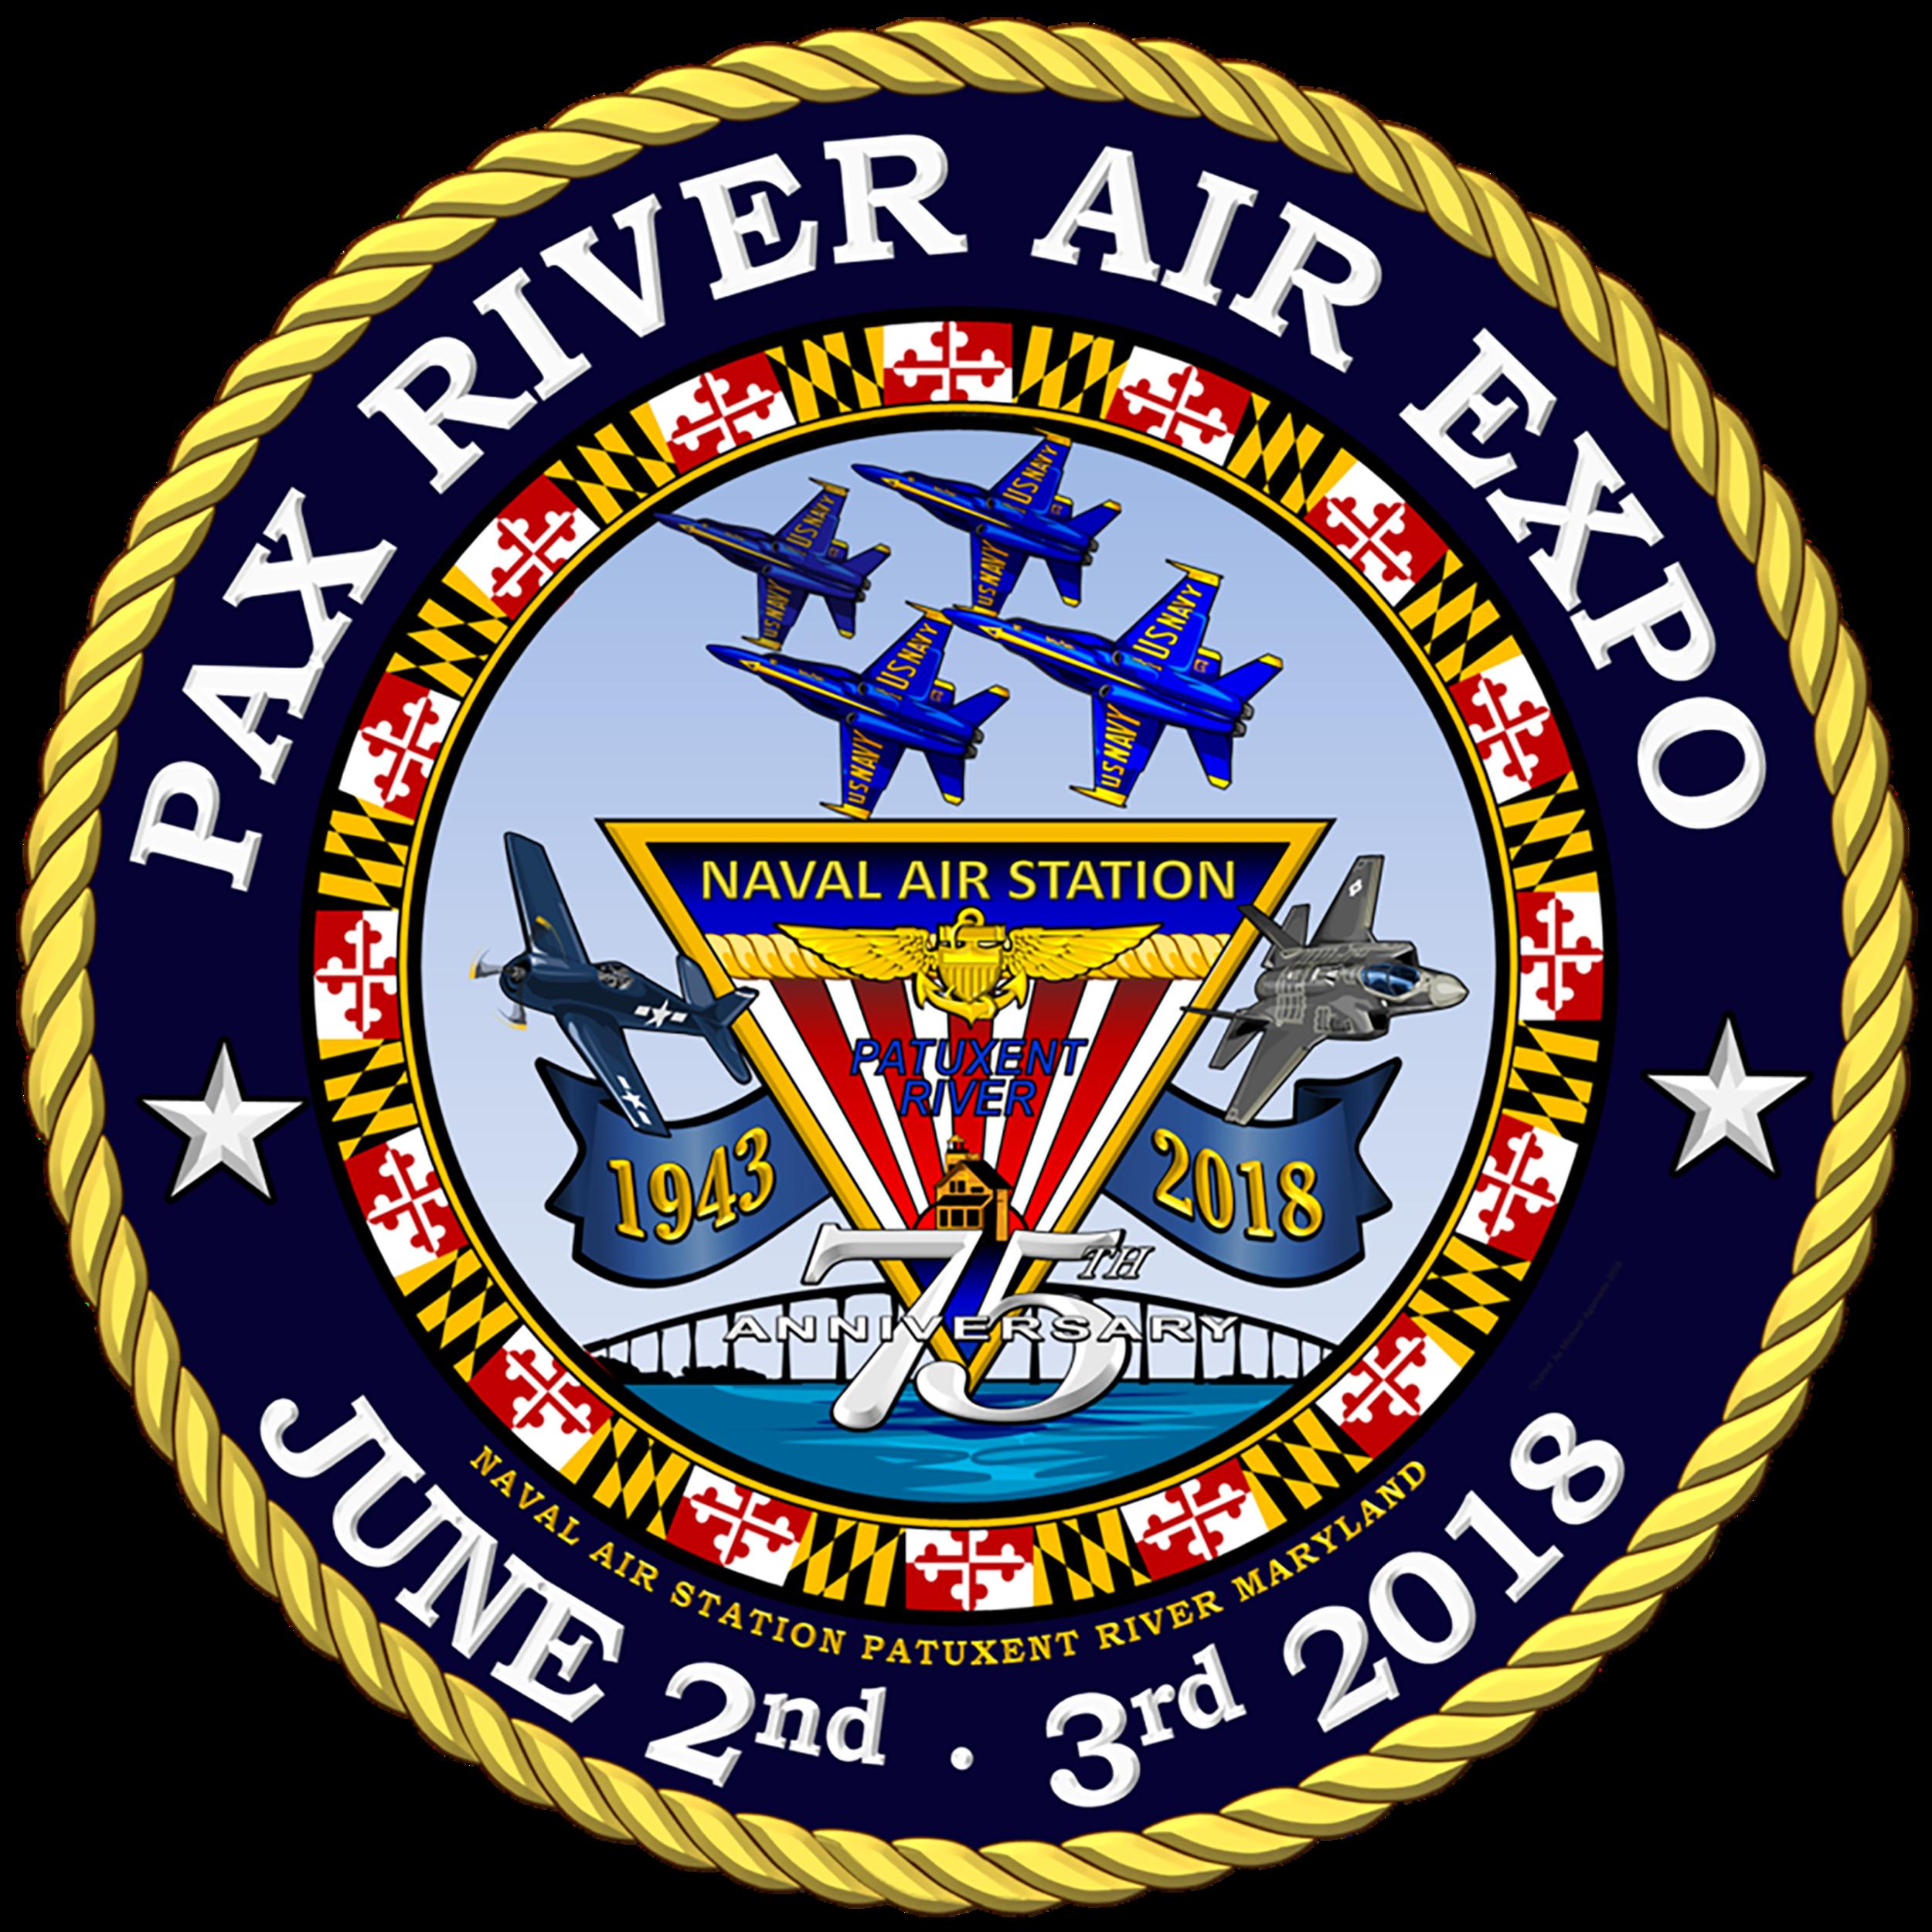 Episode #88. Pax River Air Expo 2018.